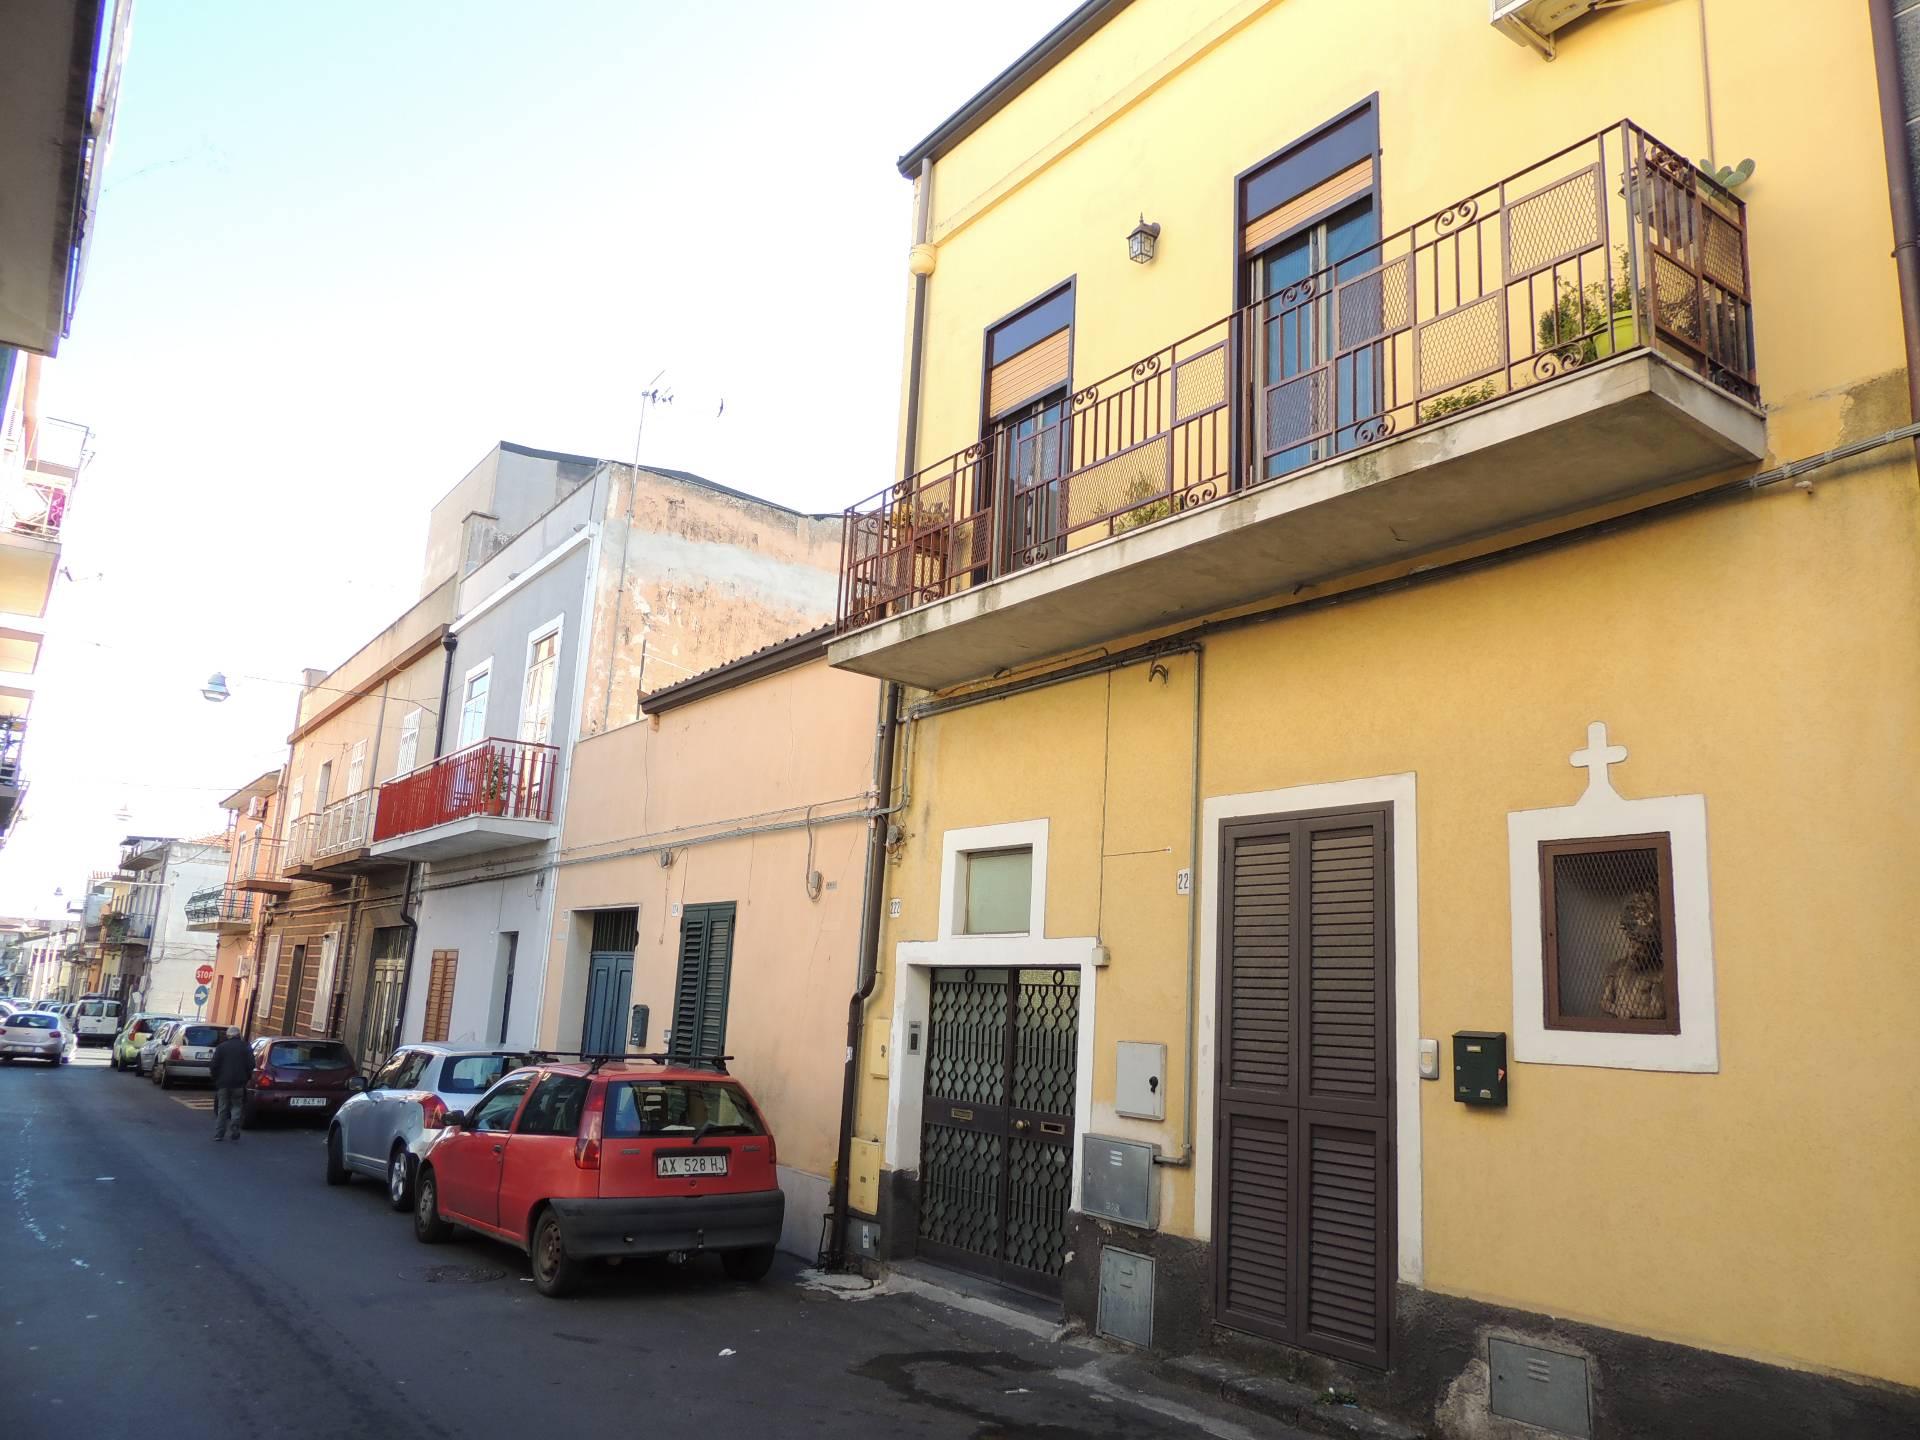 Appartamento in vendita a Gravina di Catania, 2 locali, zona Località: Centro, prezzo € 76.000 | CambioCasa.it